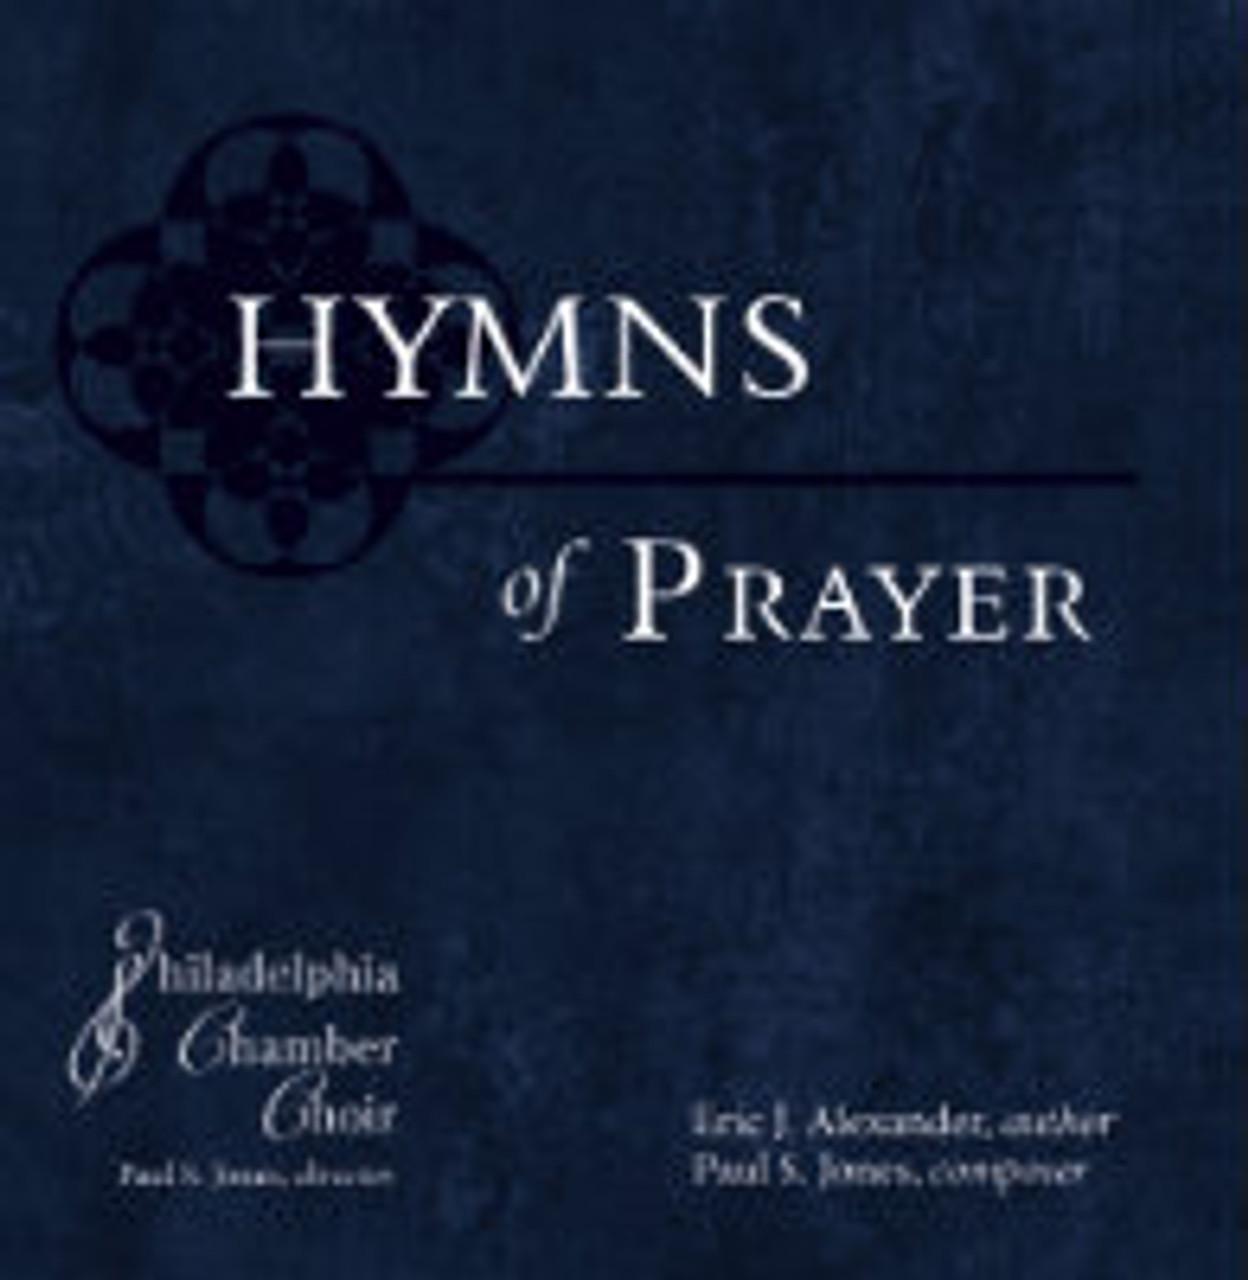 Hymns of Prayer (CD)